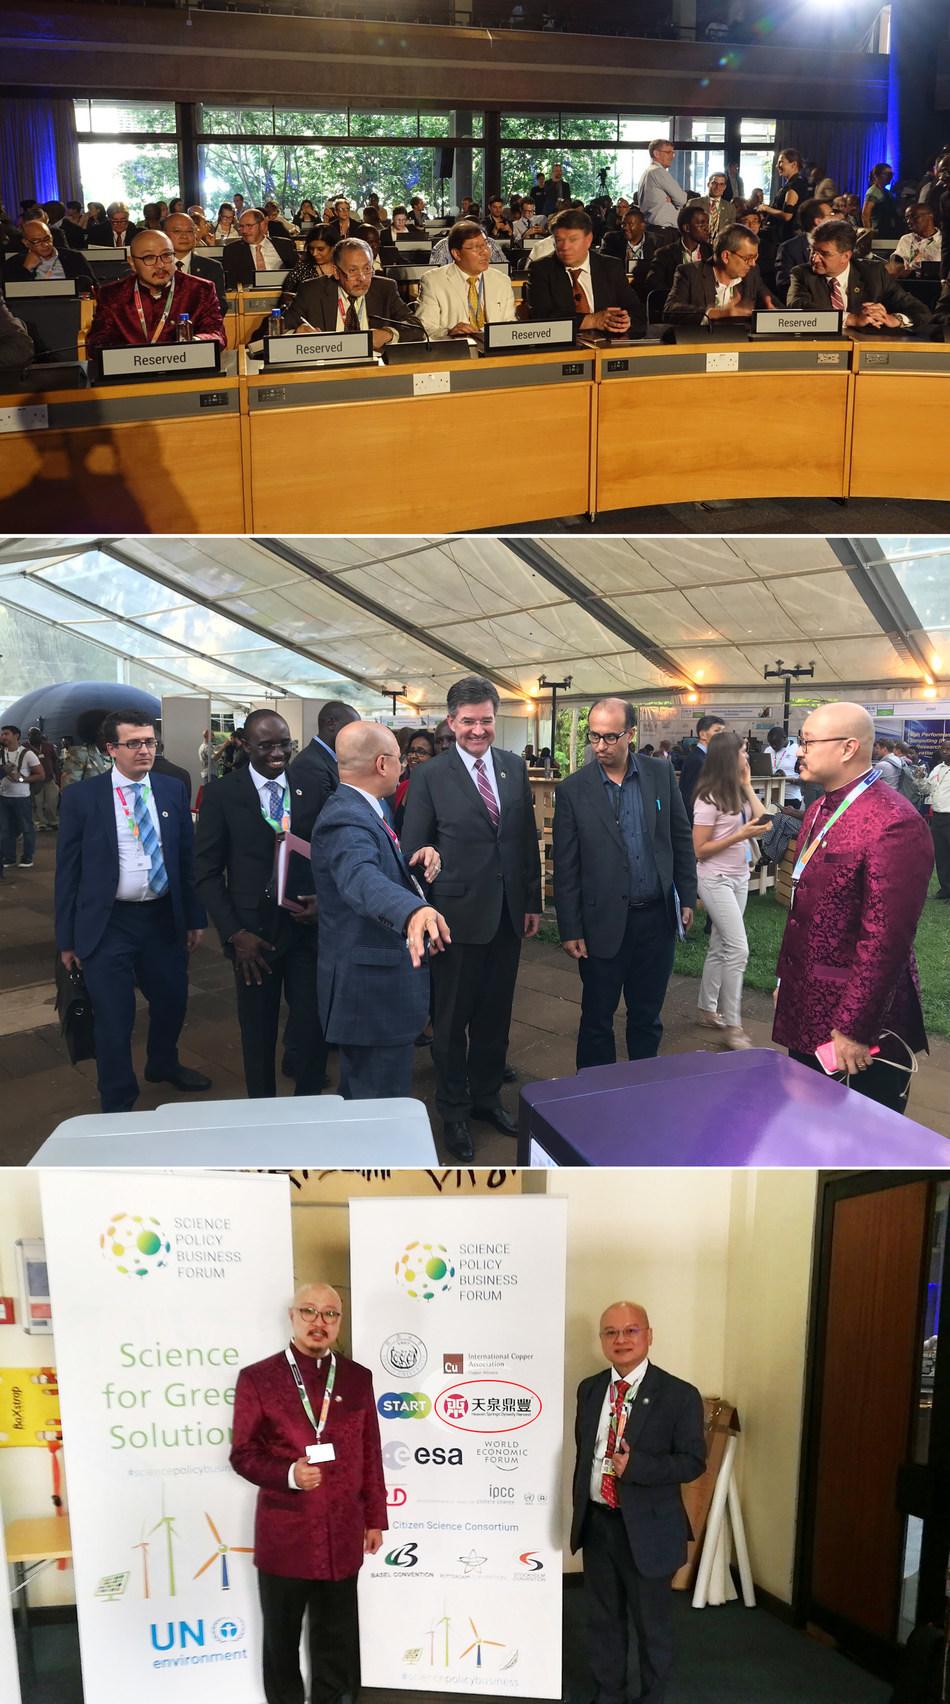 Presidente da Assembleia Geral da ONU, Miroslav Lajcak; presidente da Assembleia Ambiental da ONU, Dr. Edgar Gutierrez; secretário-geral da Organização Meteorológica Mundial, Petteri Taalas; secretário do Painel Intergovernamental sobre a Mudança do Clima, Abdallah Mokssit; Dato' Sri Prof Ng Tat Yung